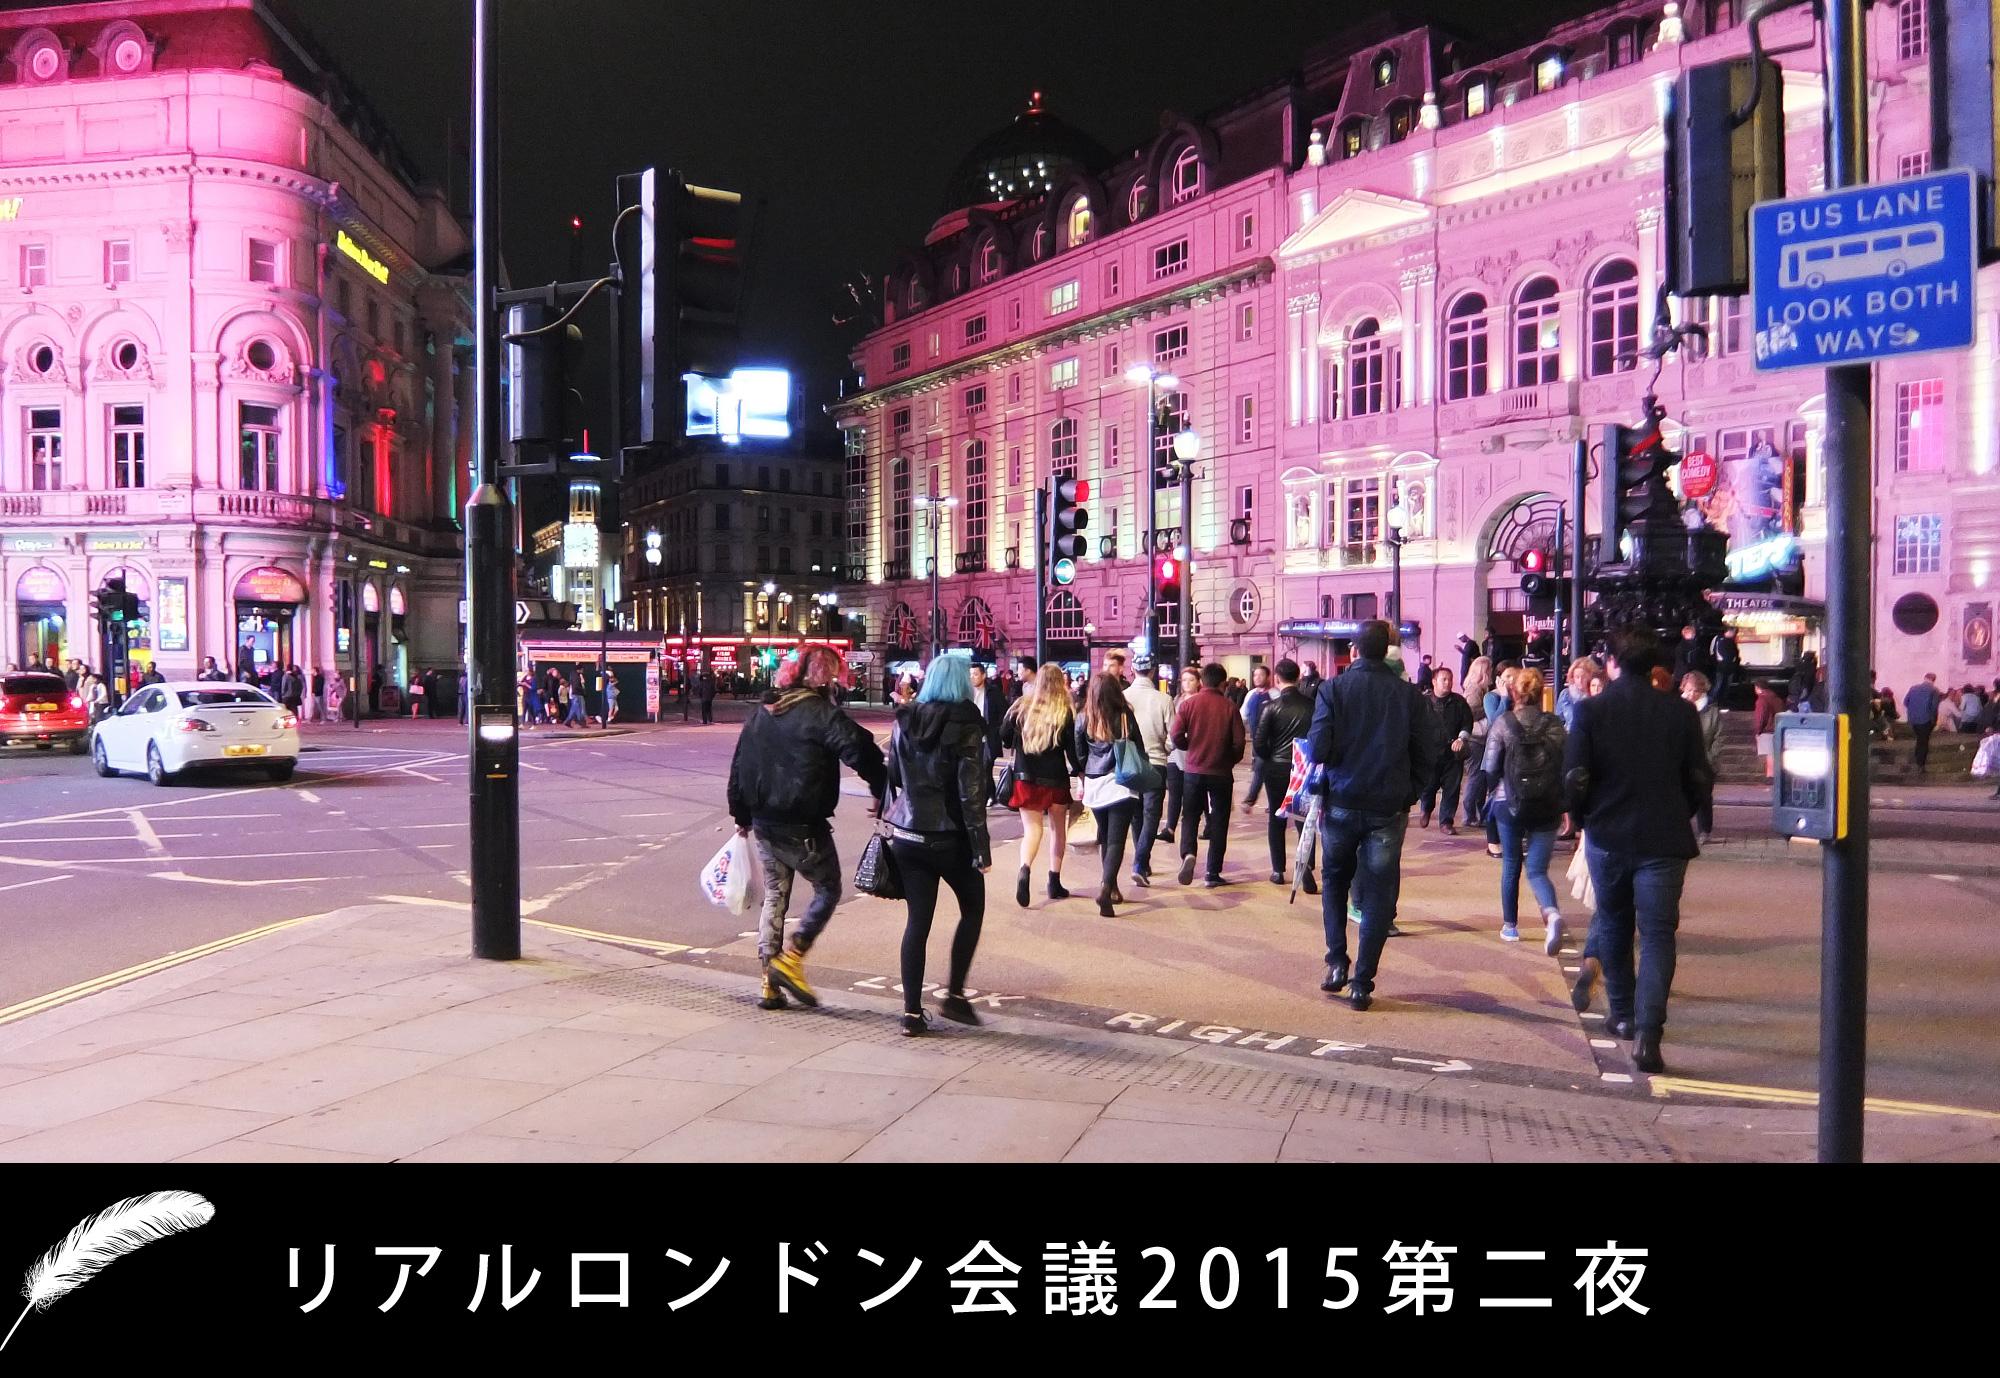 Podcast「リアルロンドン会議2015・第二夜」を文字起こし:偽警察官詐欺に逢ってしまった話/変換プラグを求めて/COSでお買い物